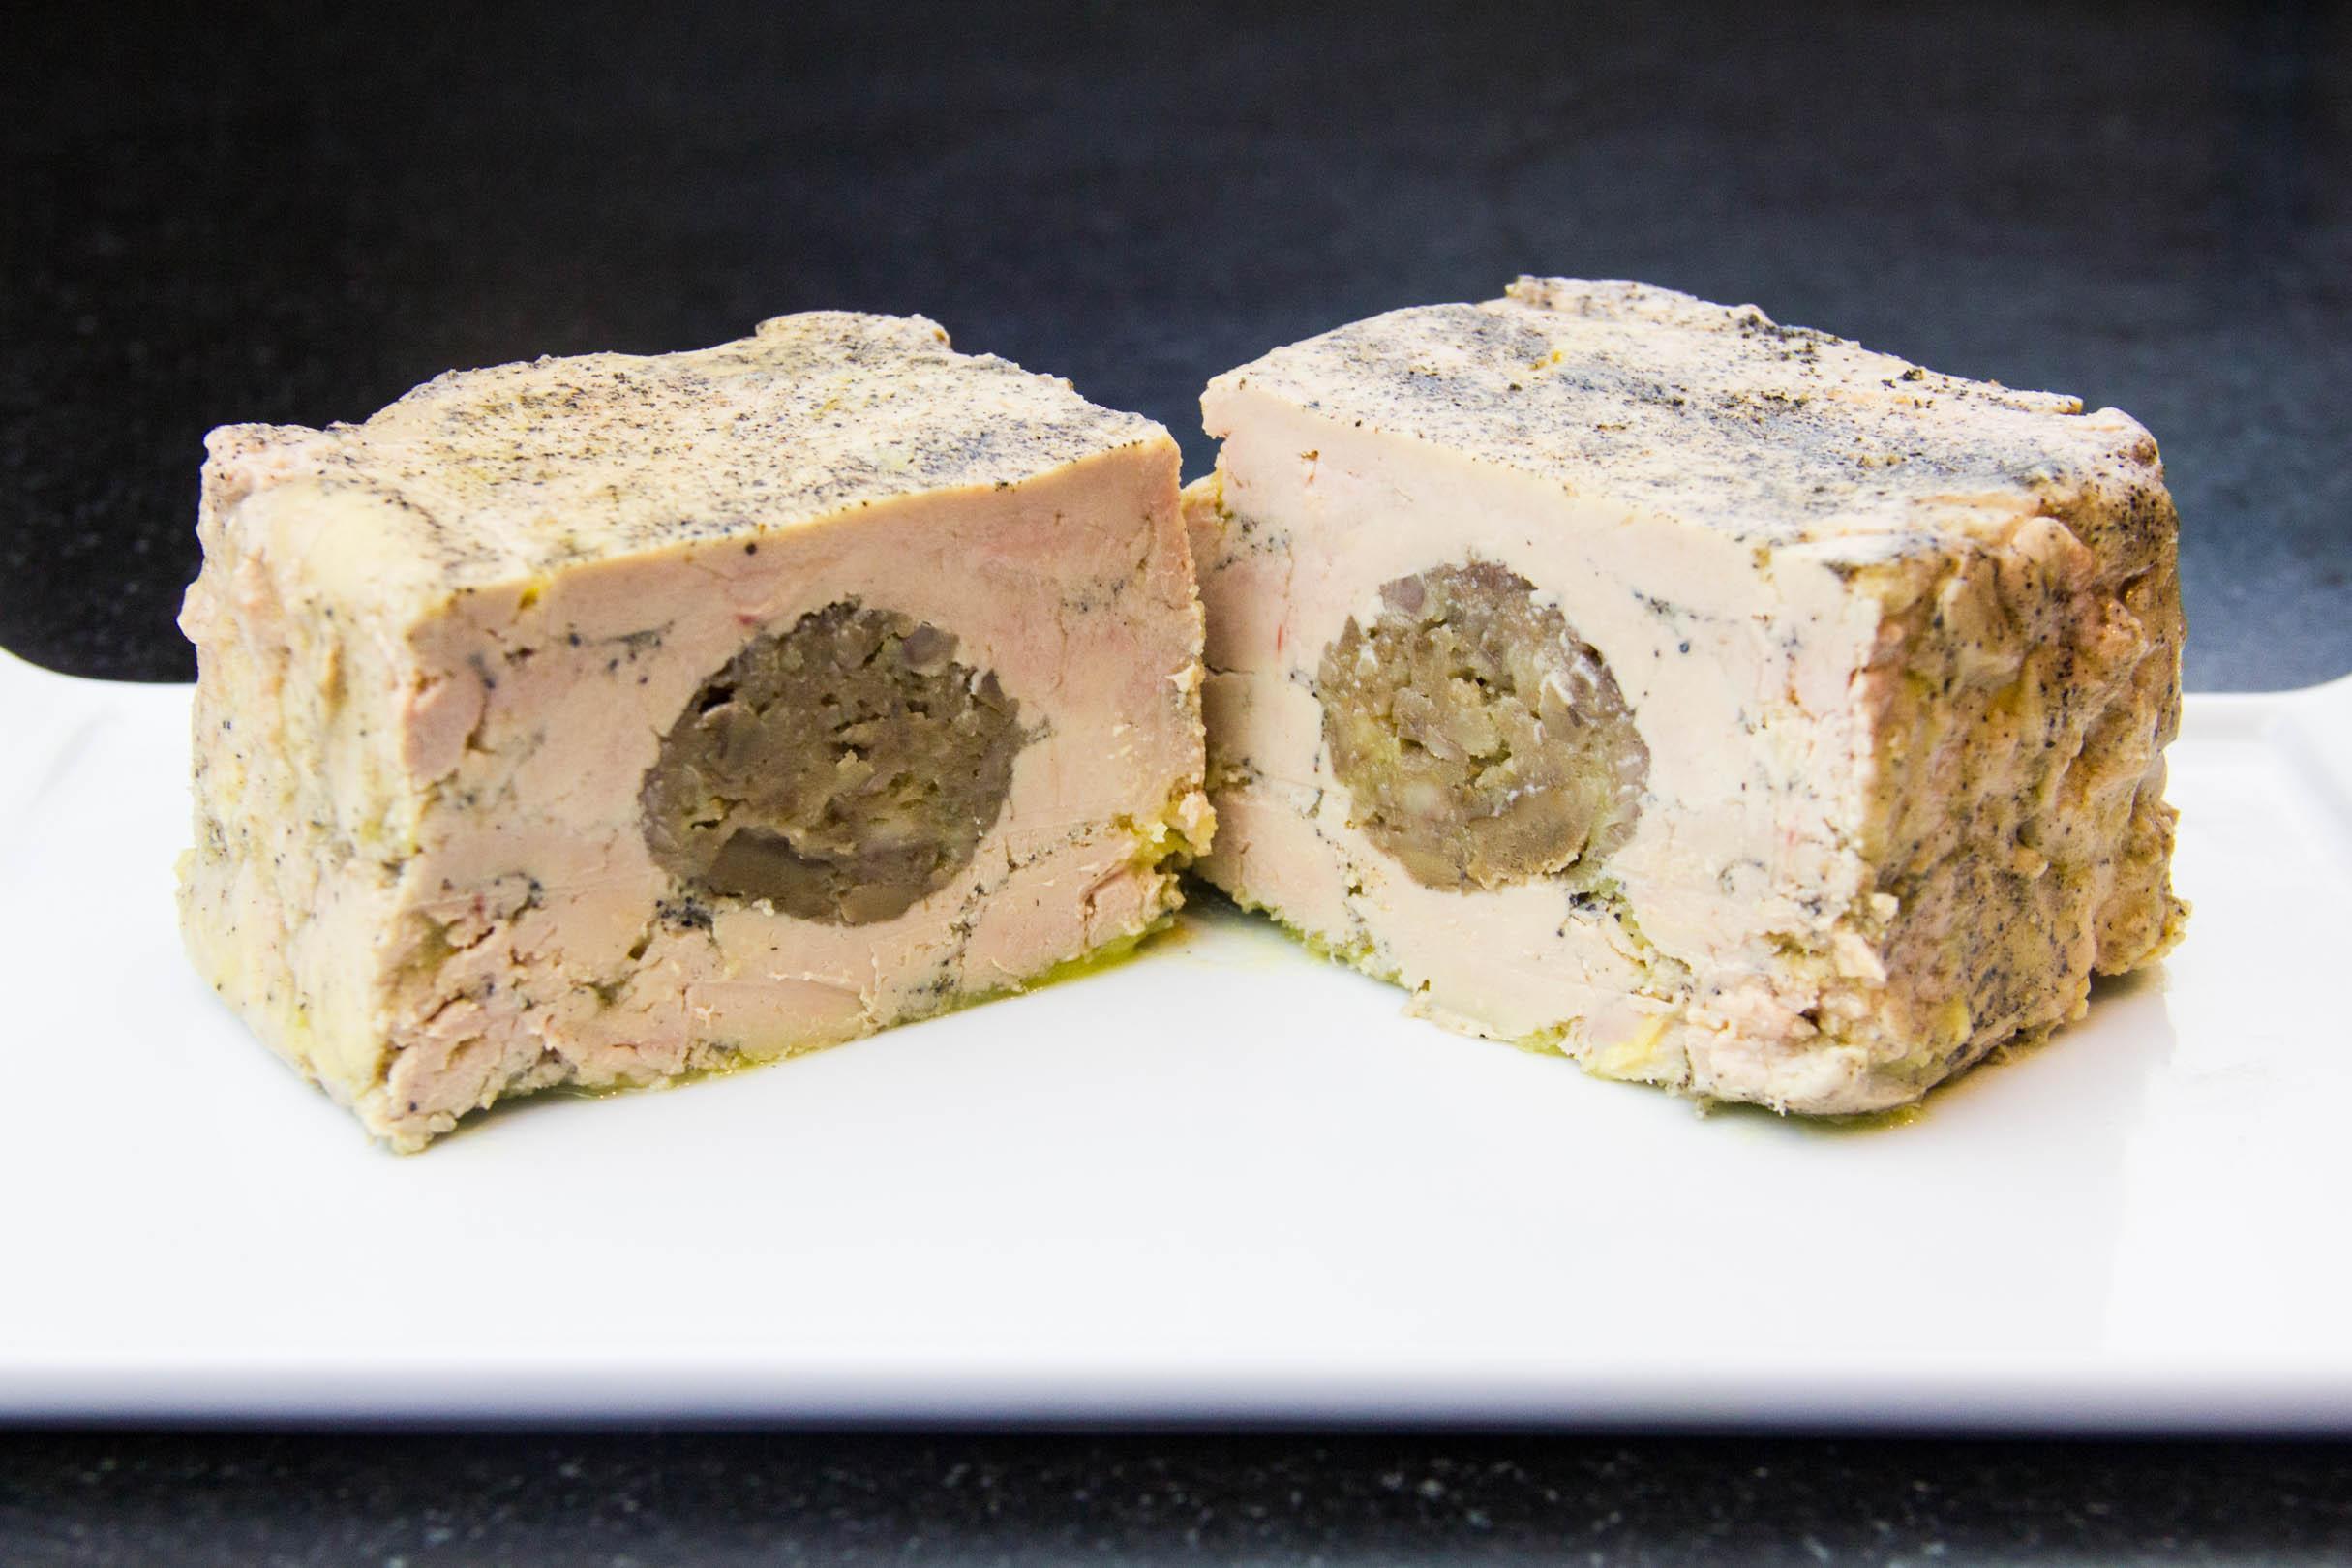 Terrine de foie gras maison aux marrons et au cognac les gourmantissimes - Foie gras maison en terrine ...